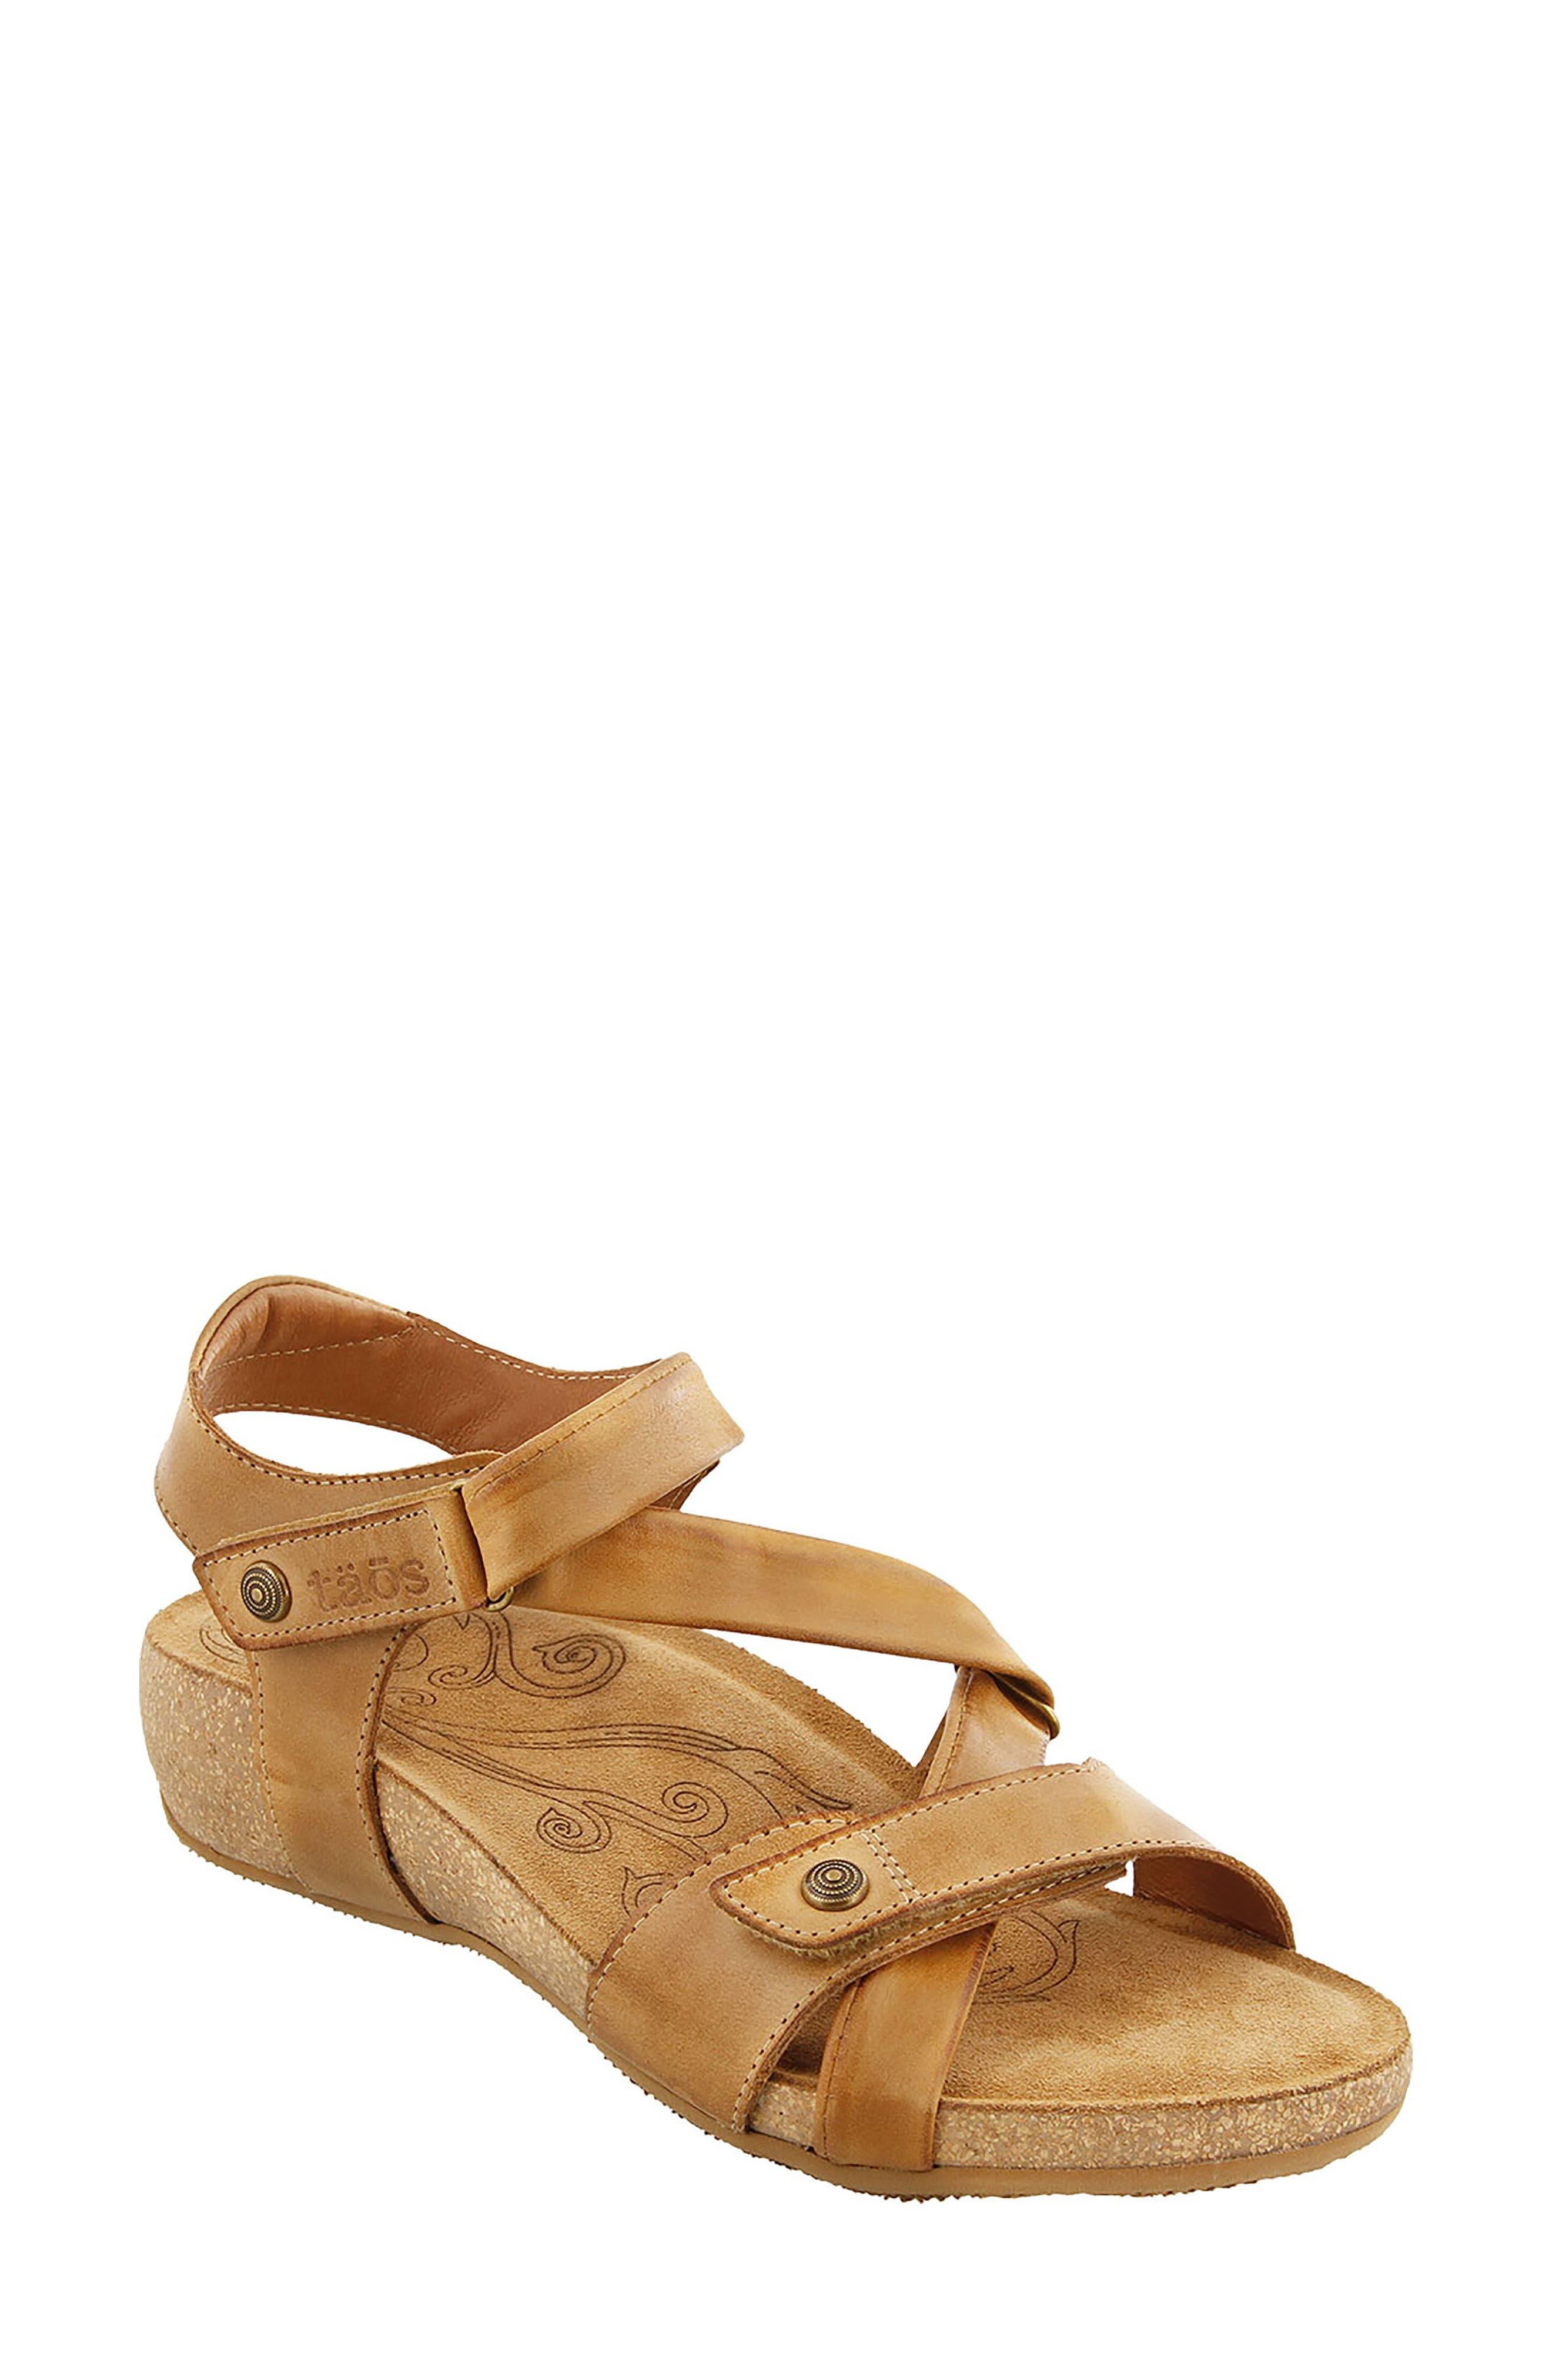 Main Image - Taos Universe Sandal (Women)